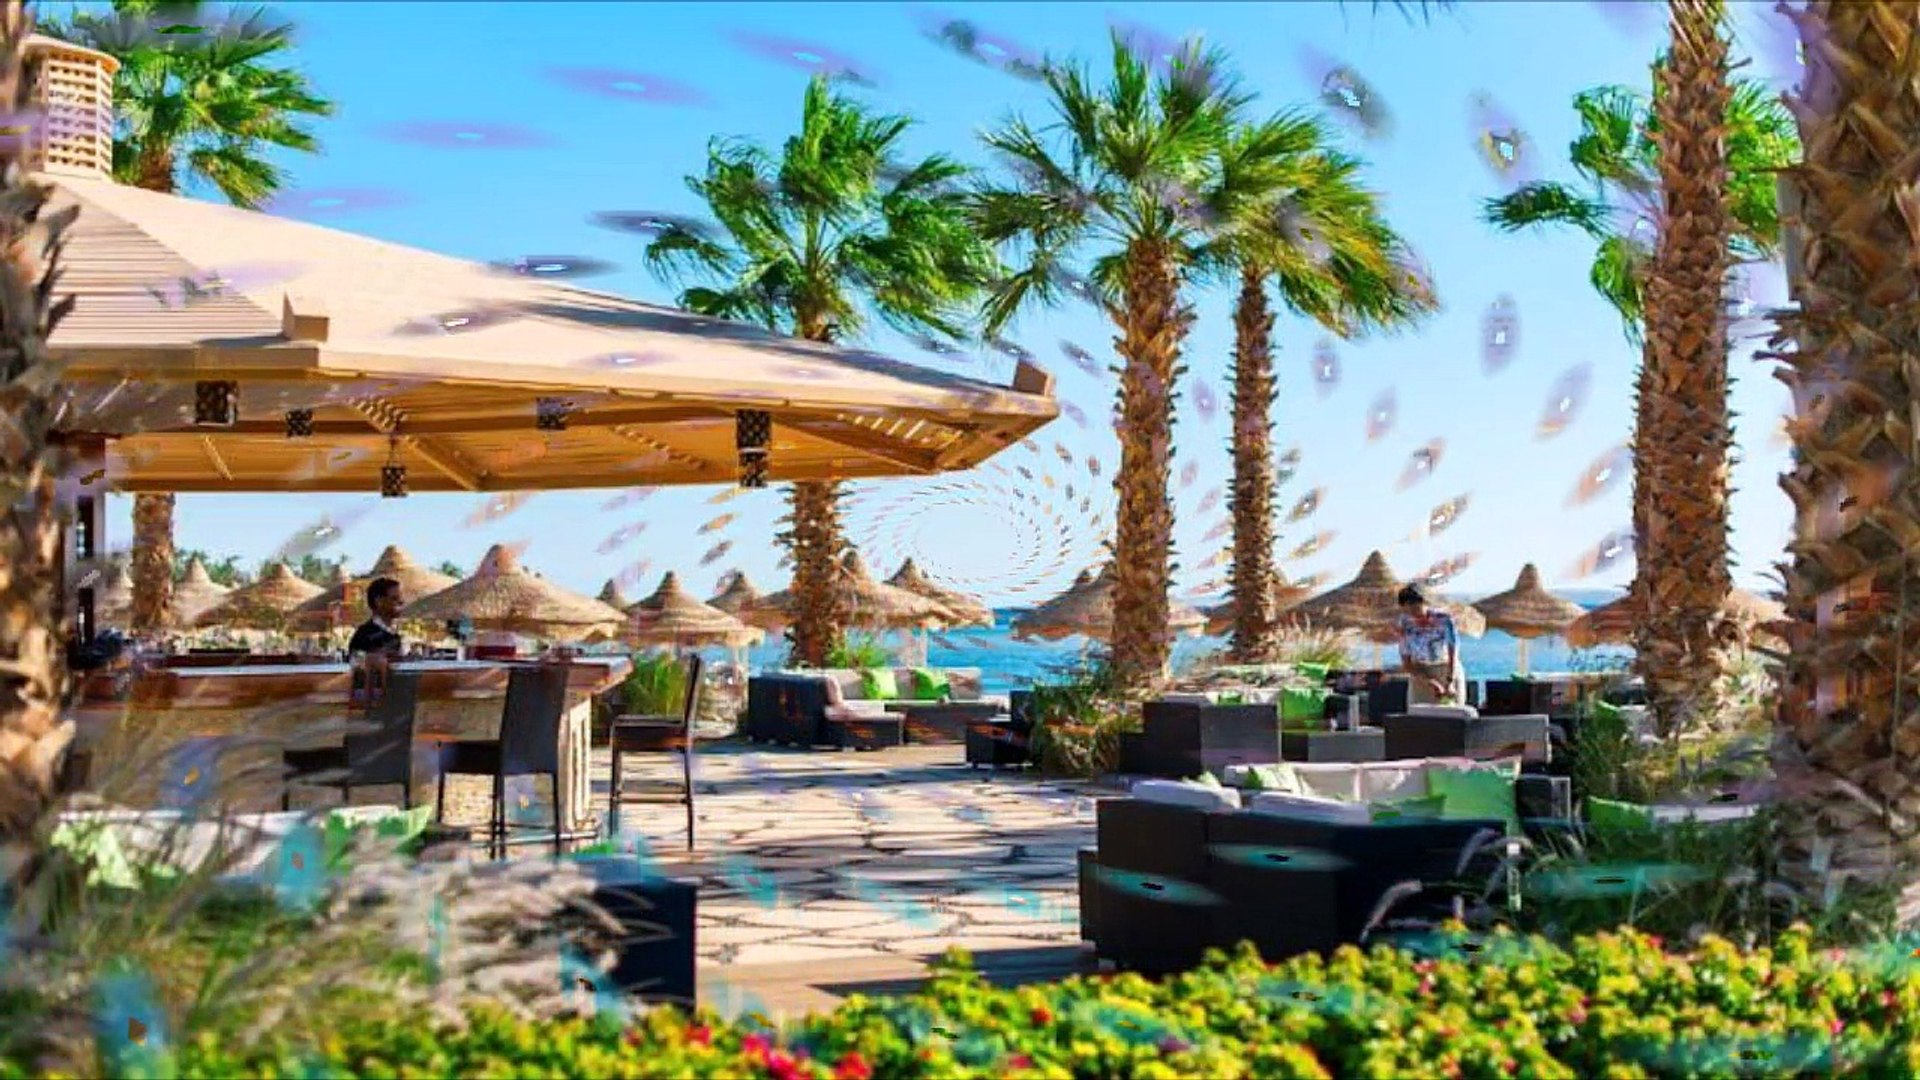 Обзор отеля Baron Resort 5* Шарм Эль Шейх, Египет - один из популярных, красивых VIP отелей